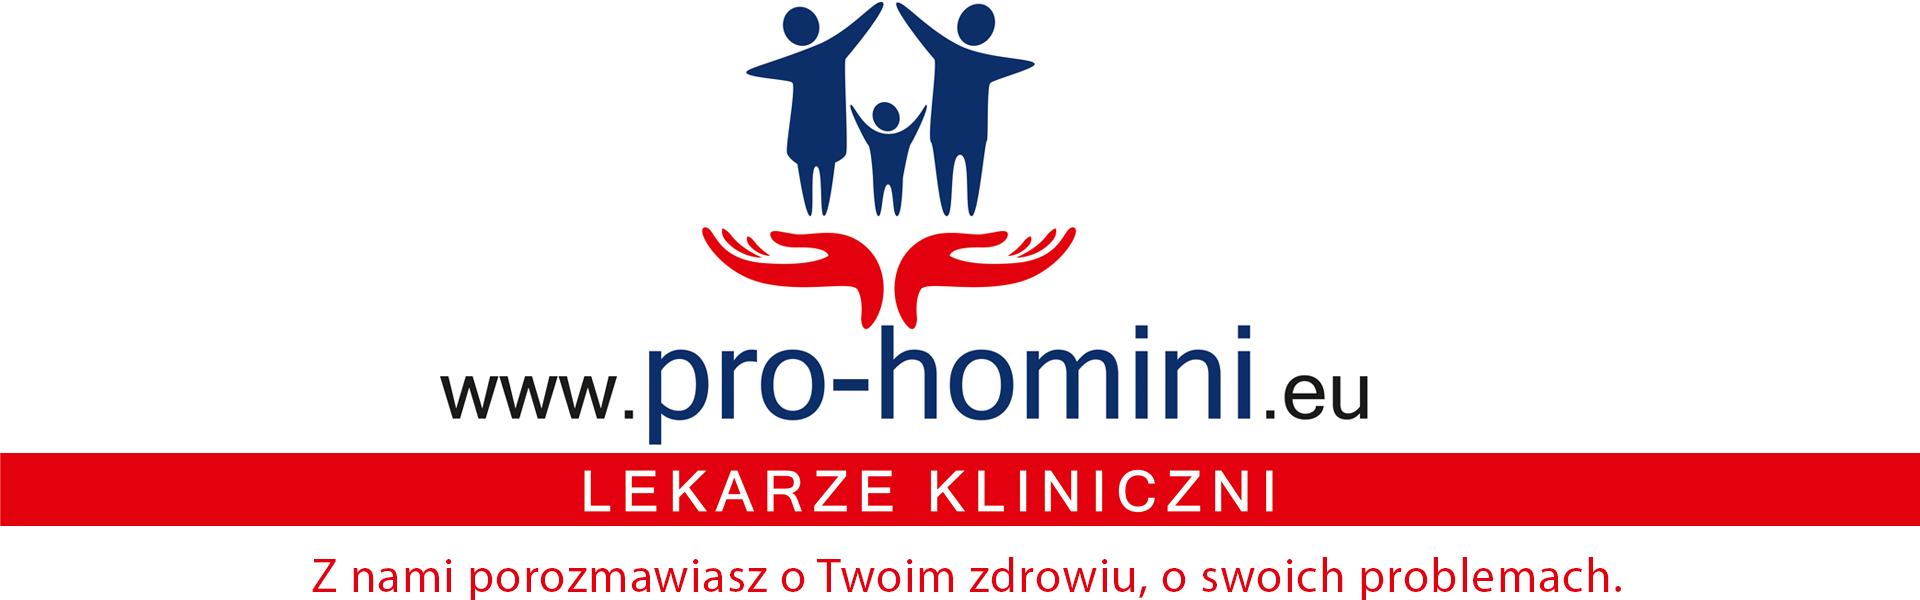 Pro-homini – Lekarze kliniczni